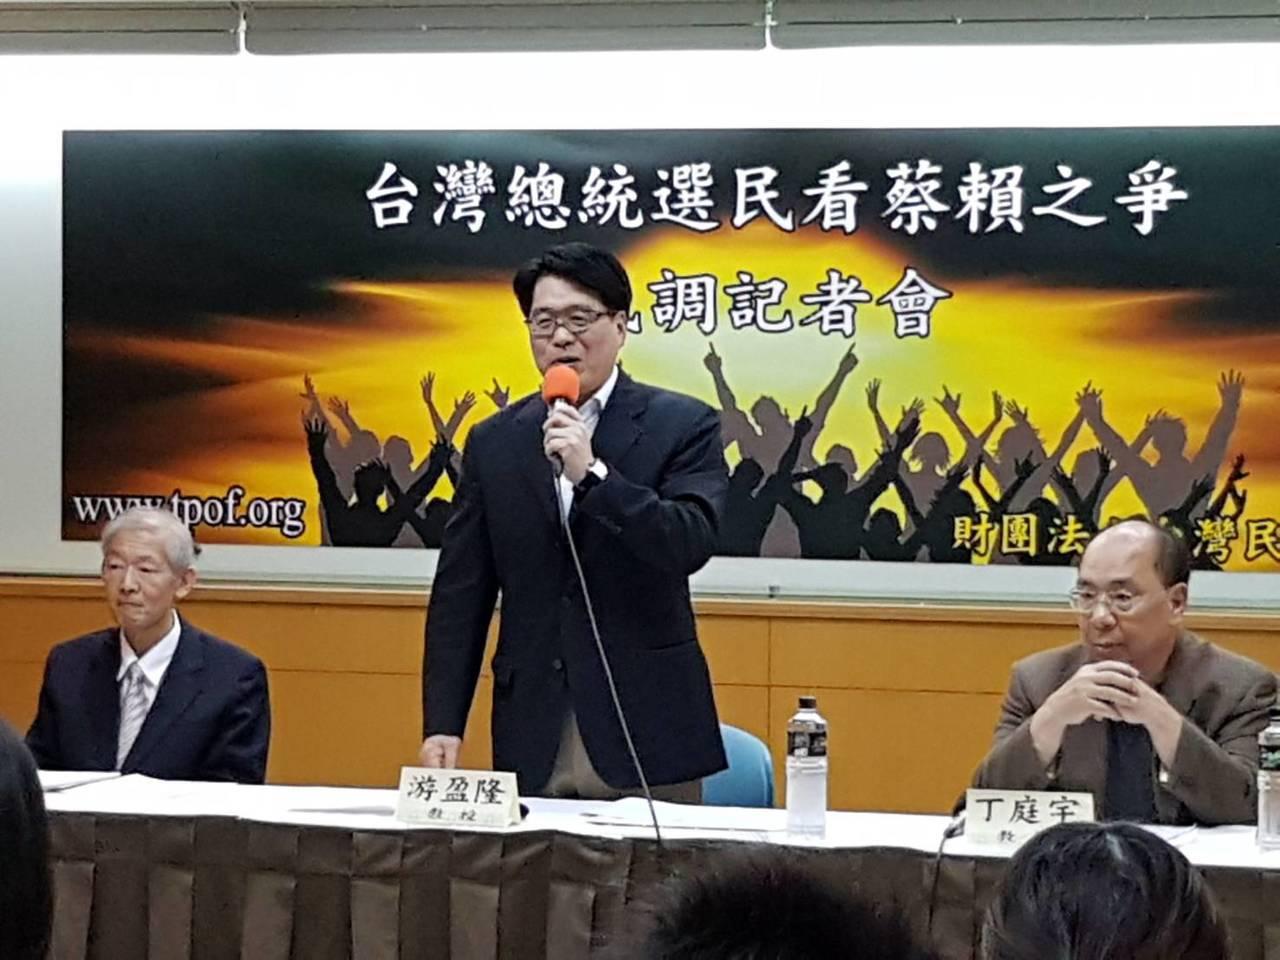 台灣民意基金會針對「理想台灣總統」七特質調查,賴清德完勝蔡英文,其中差距最大的是...